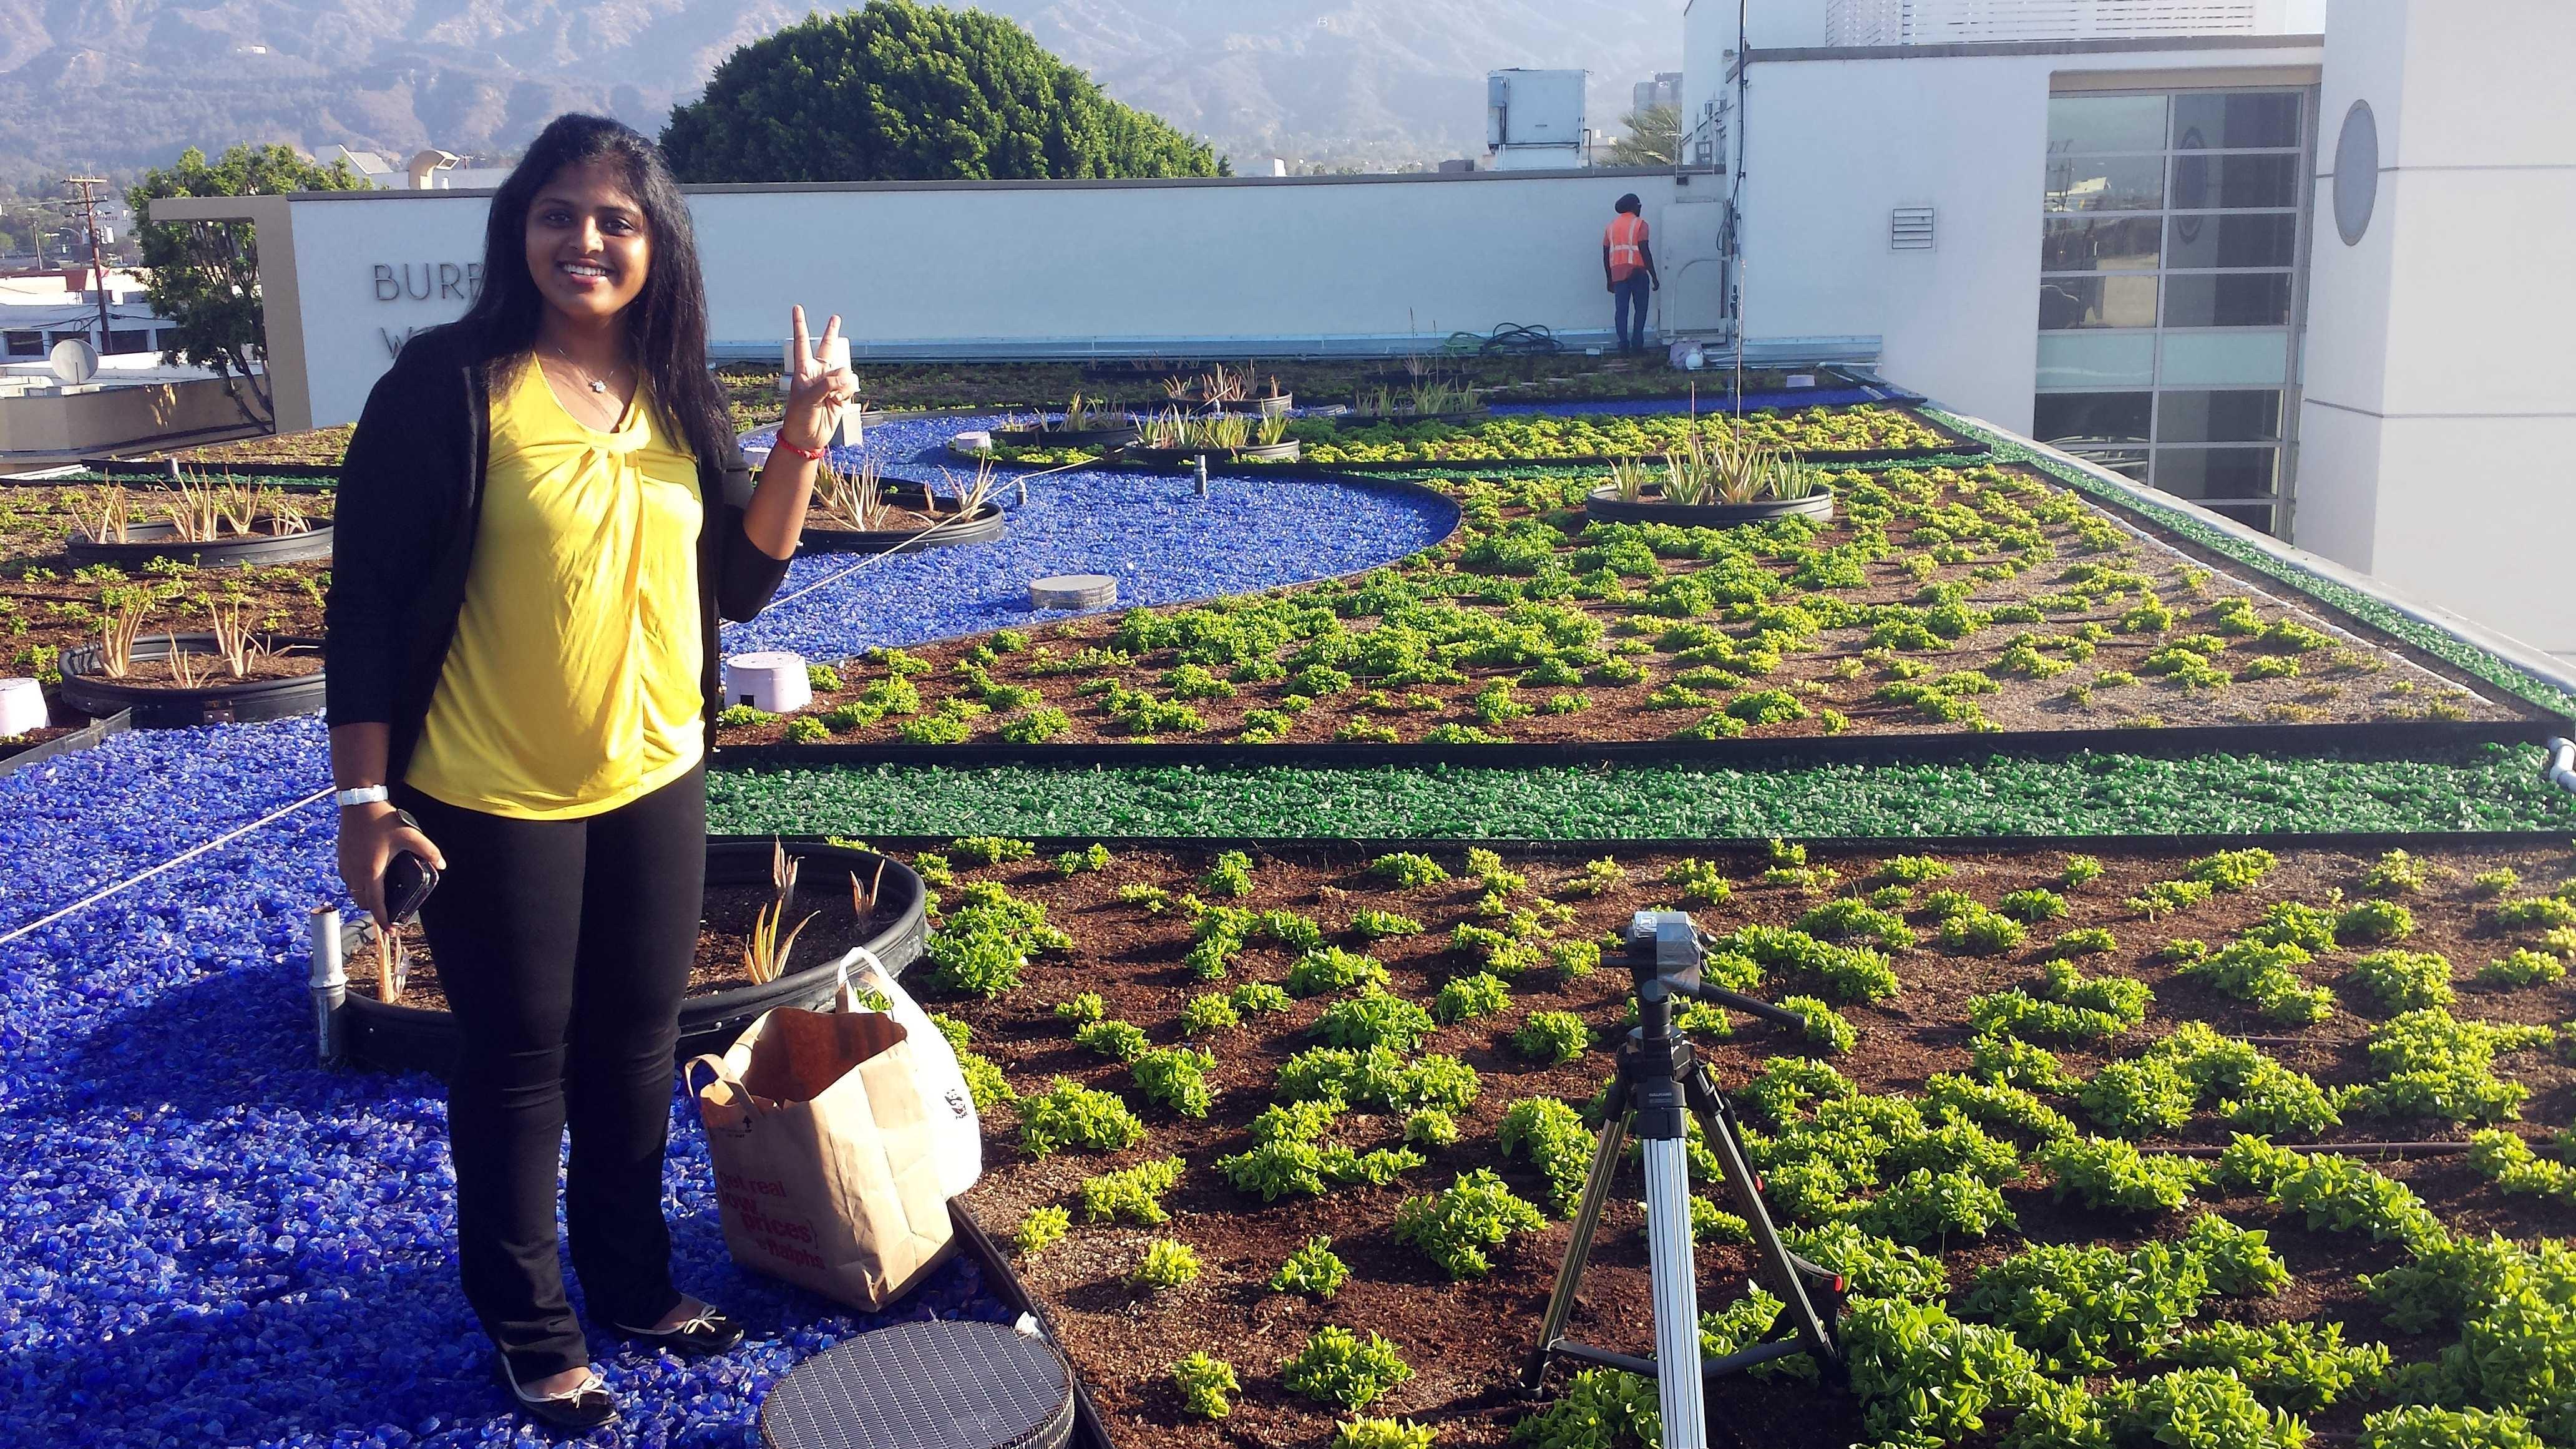 USC Green Roof